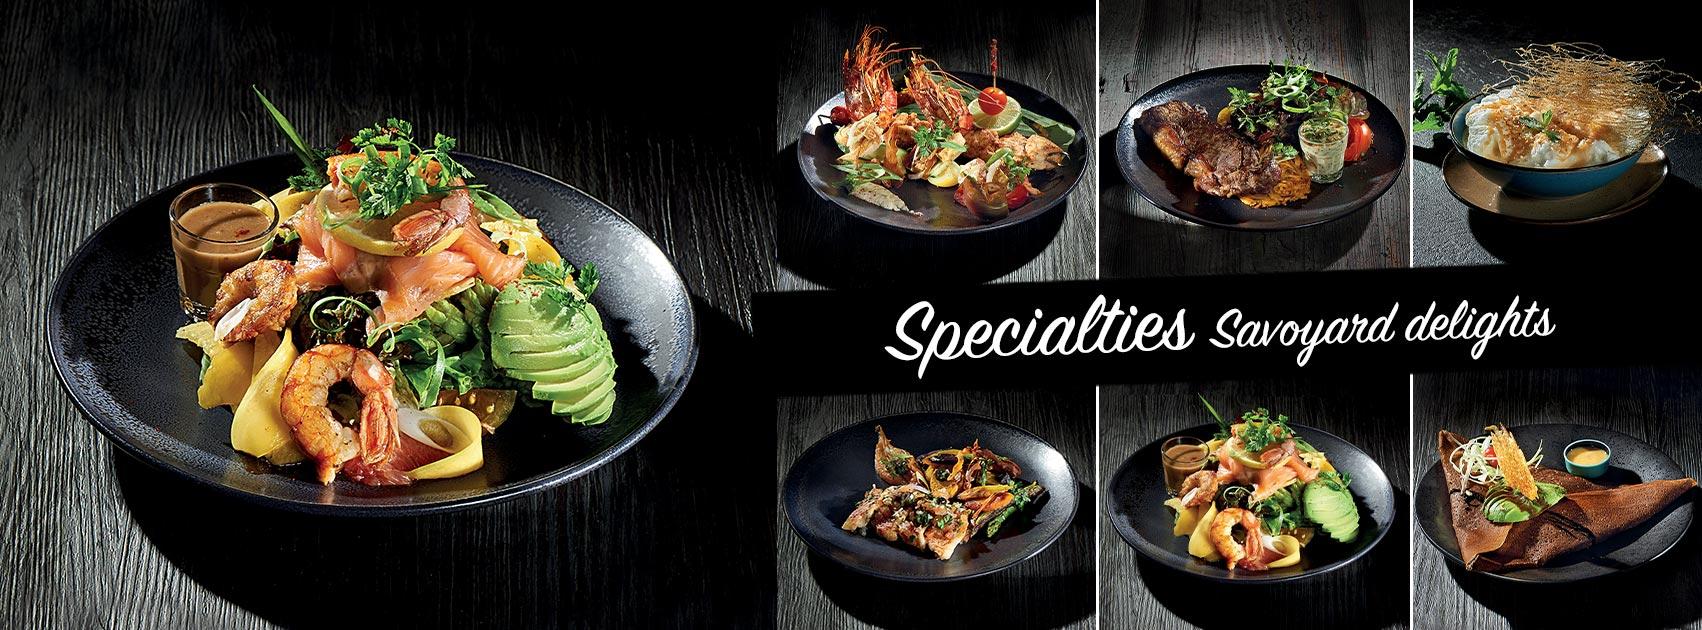 Specialties savoyard delights